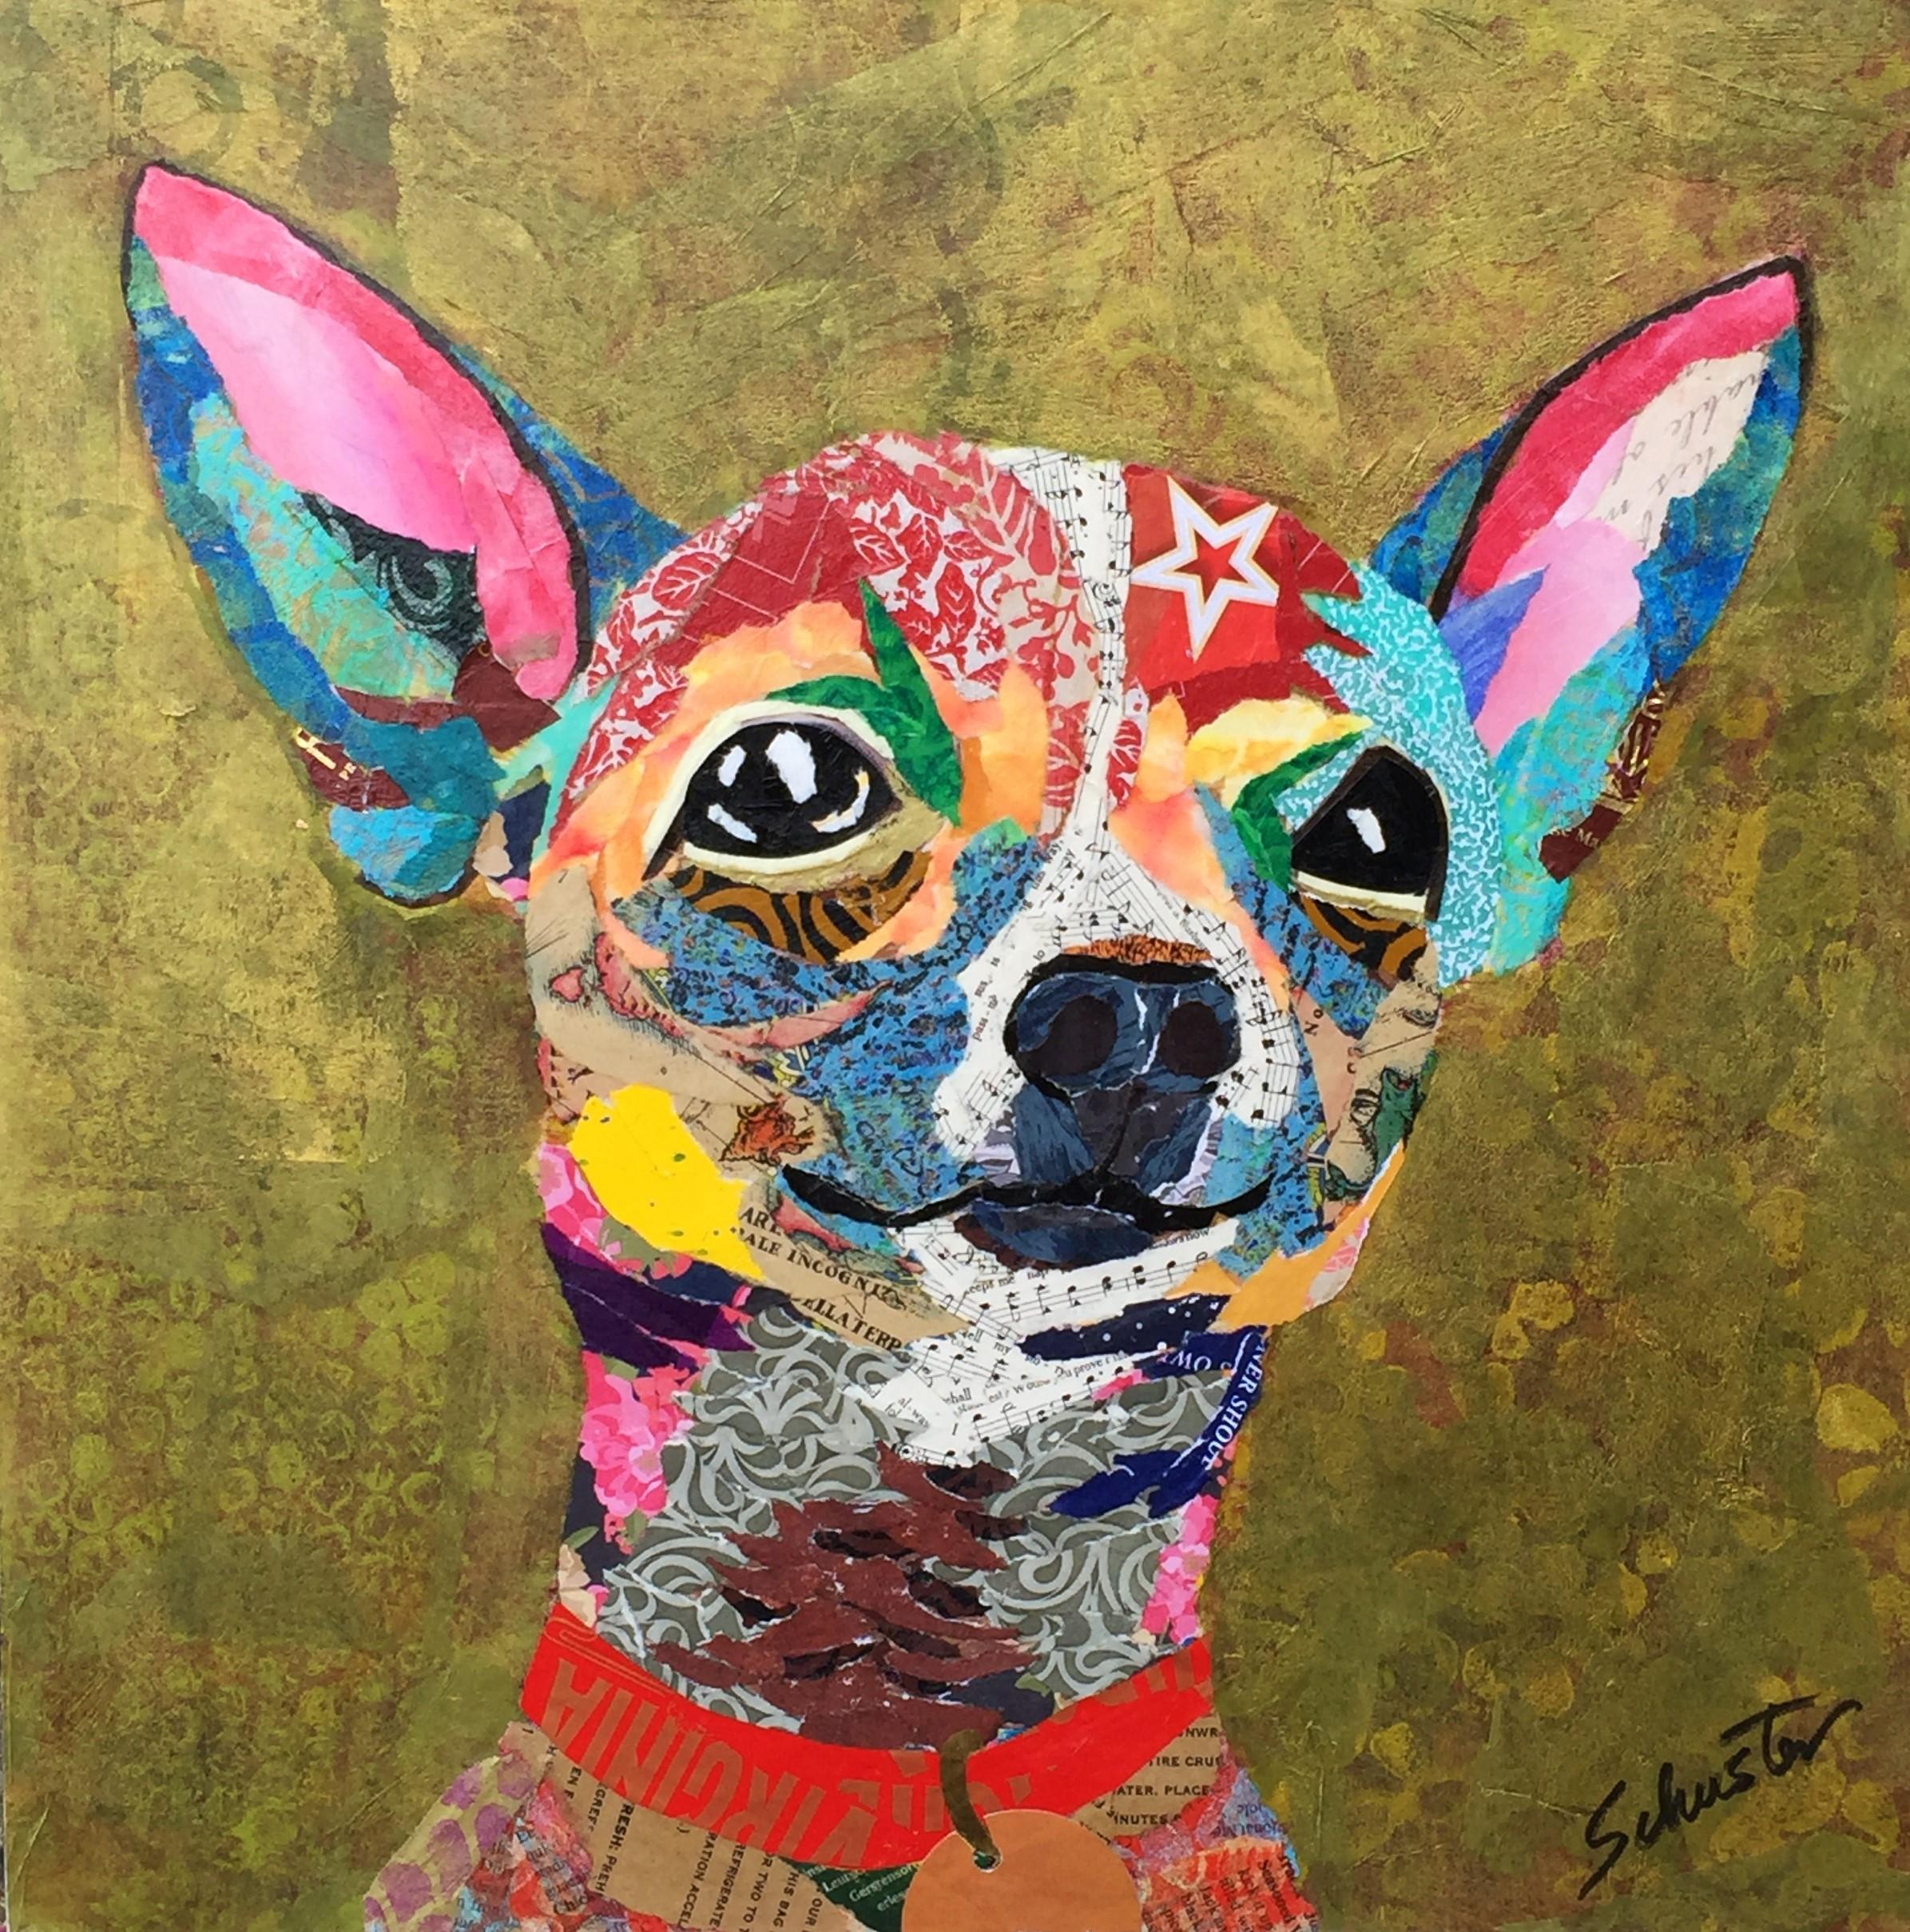 Ay Chihuahua!   $230